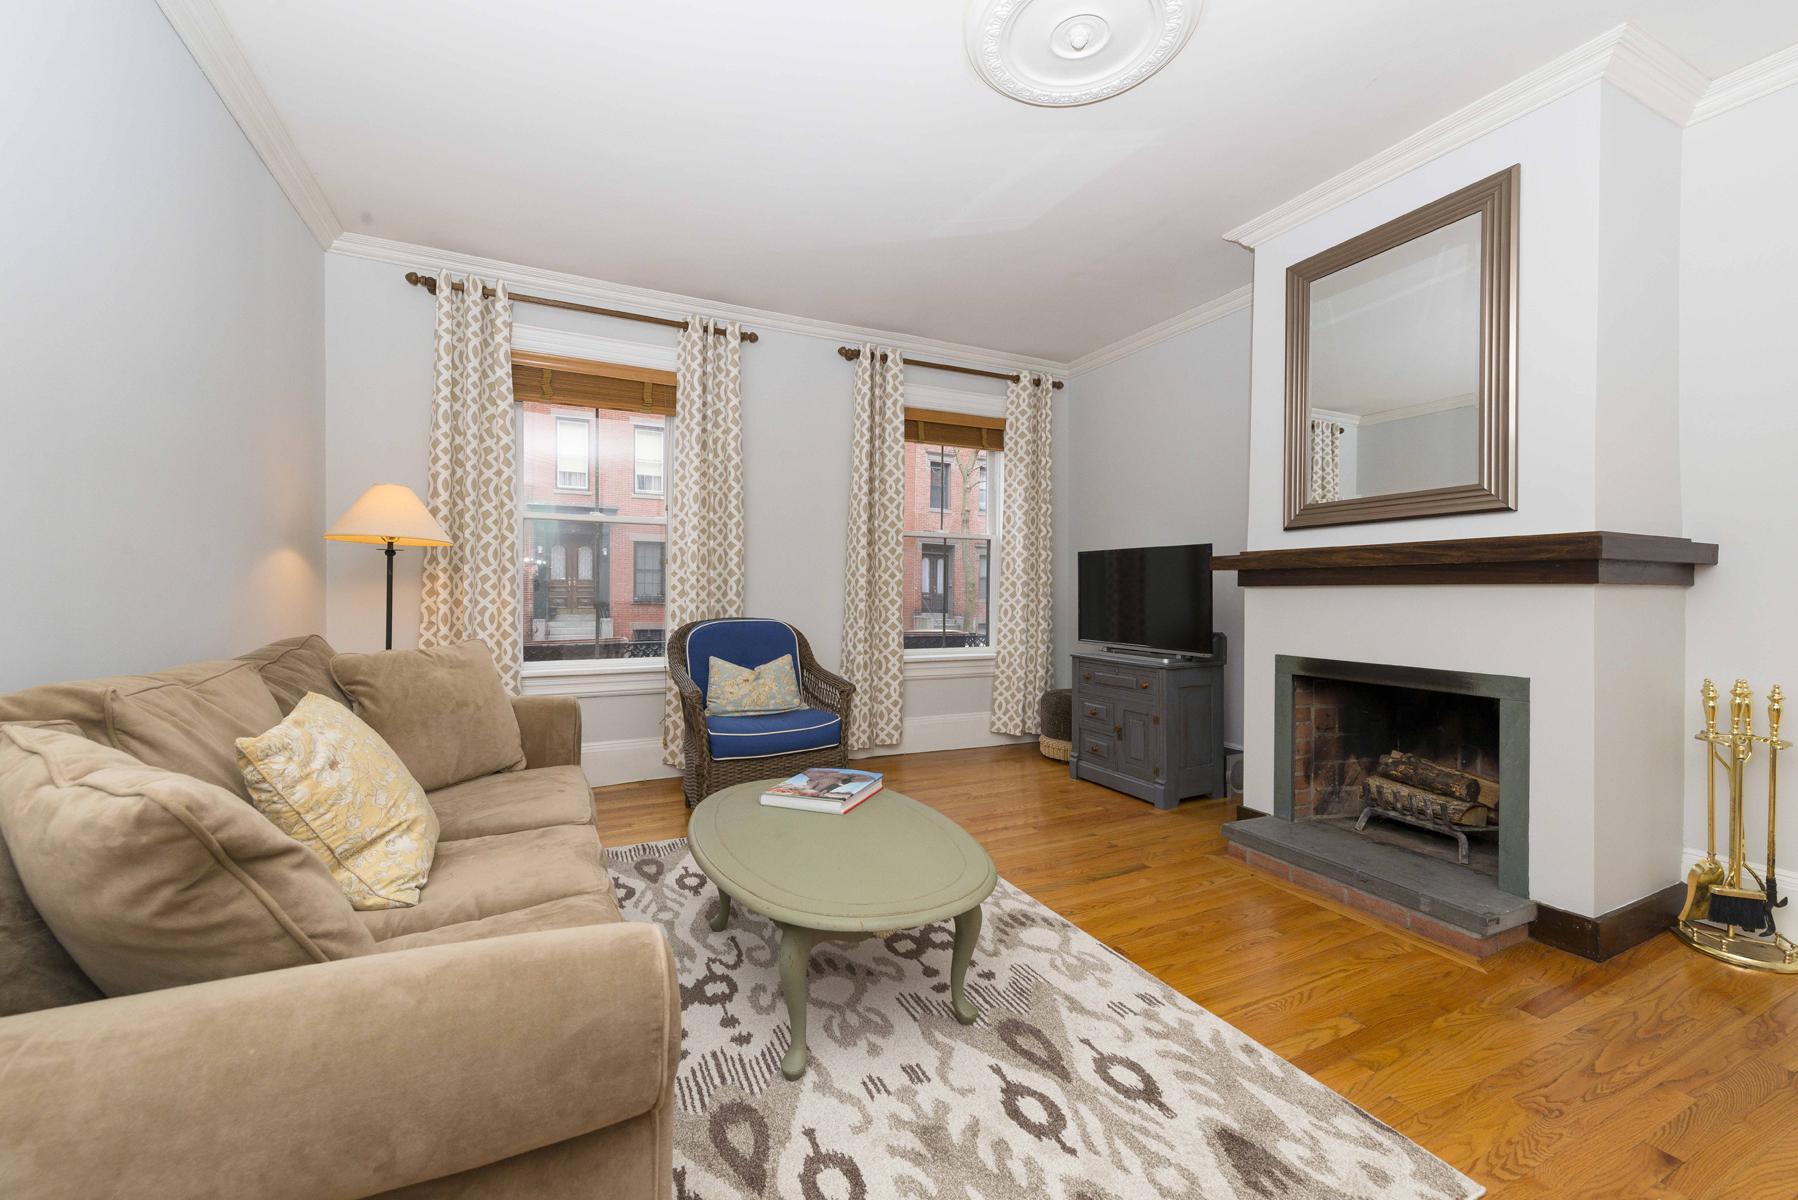 콘도미니엄 용 매매 에 Elegant Parlor and Street level 2 BR 1.5 Bath 31 E Springfied St - Unit 1 South End, Boston, 매사추세츠, 02118 미국